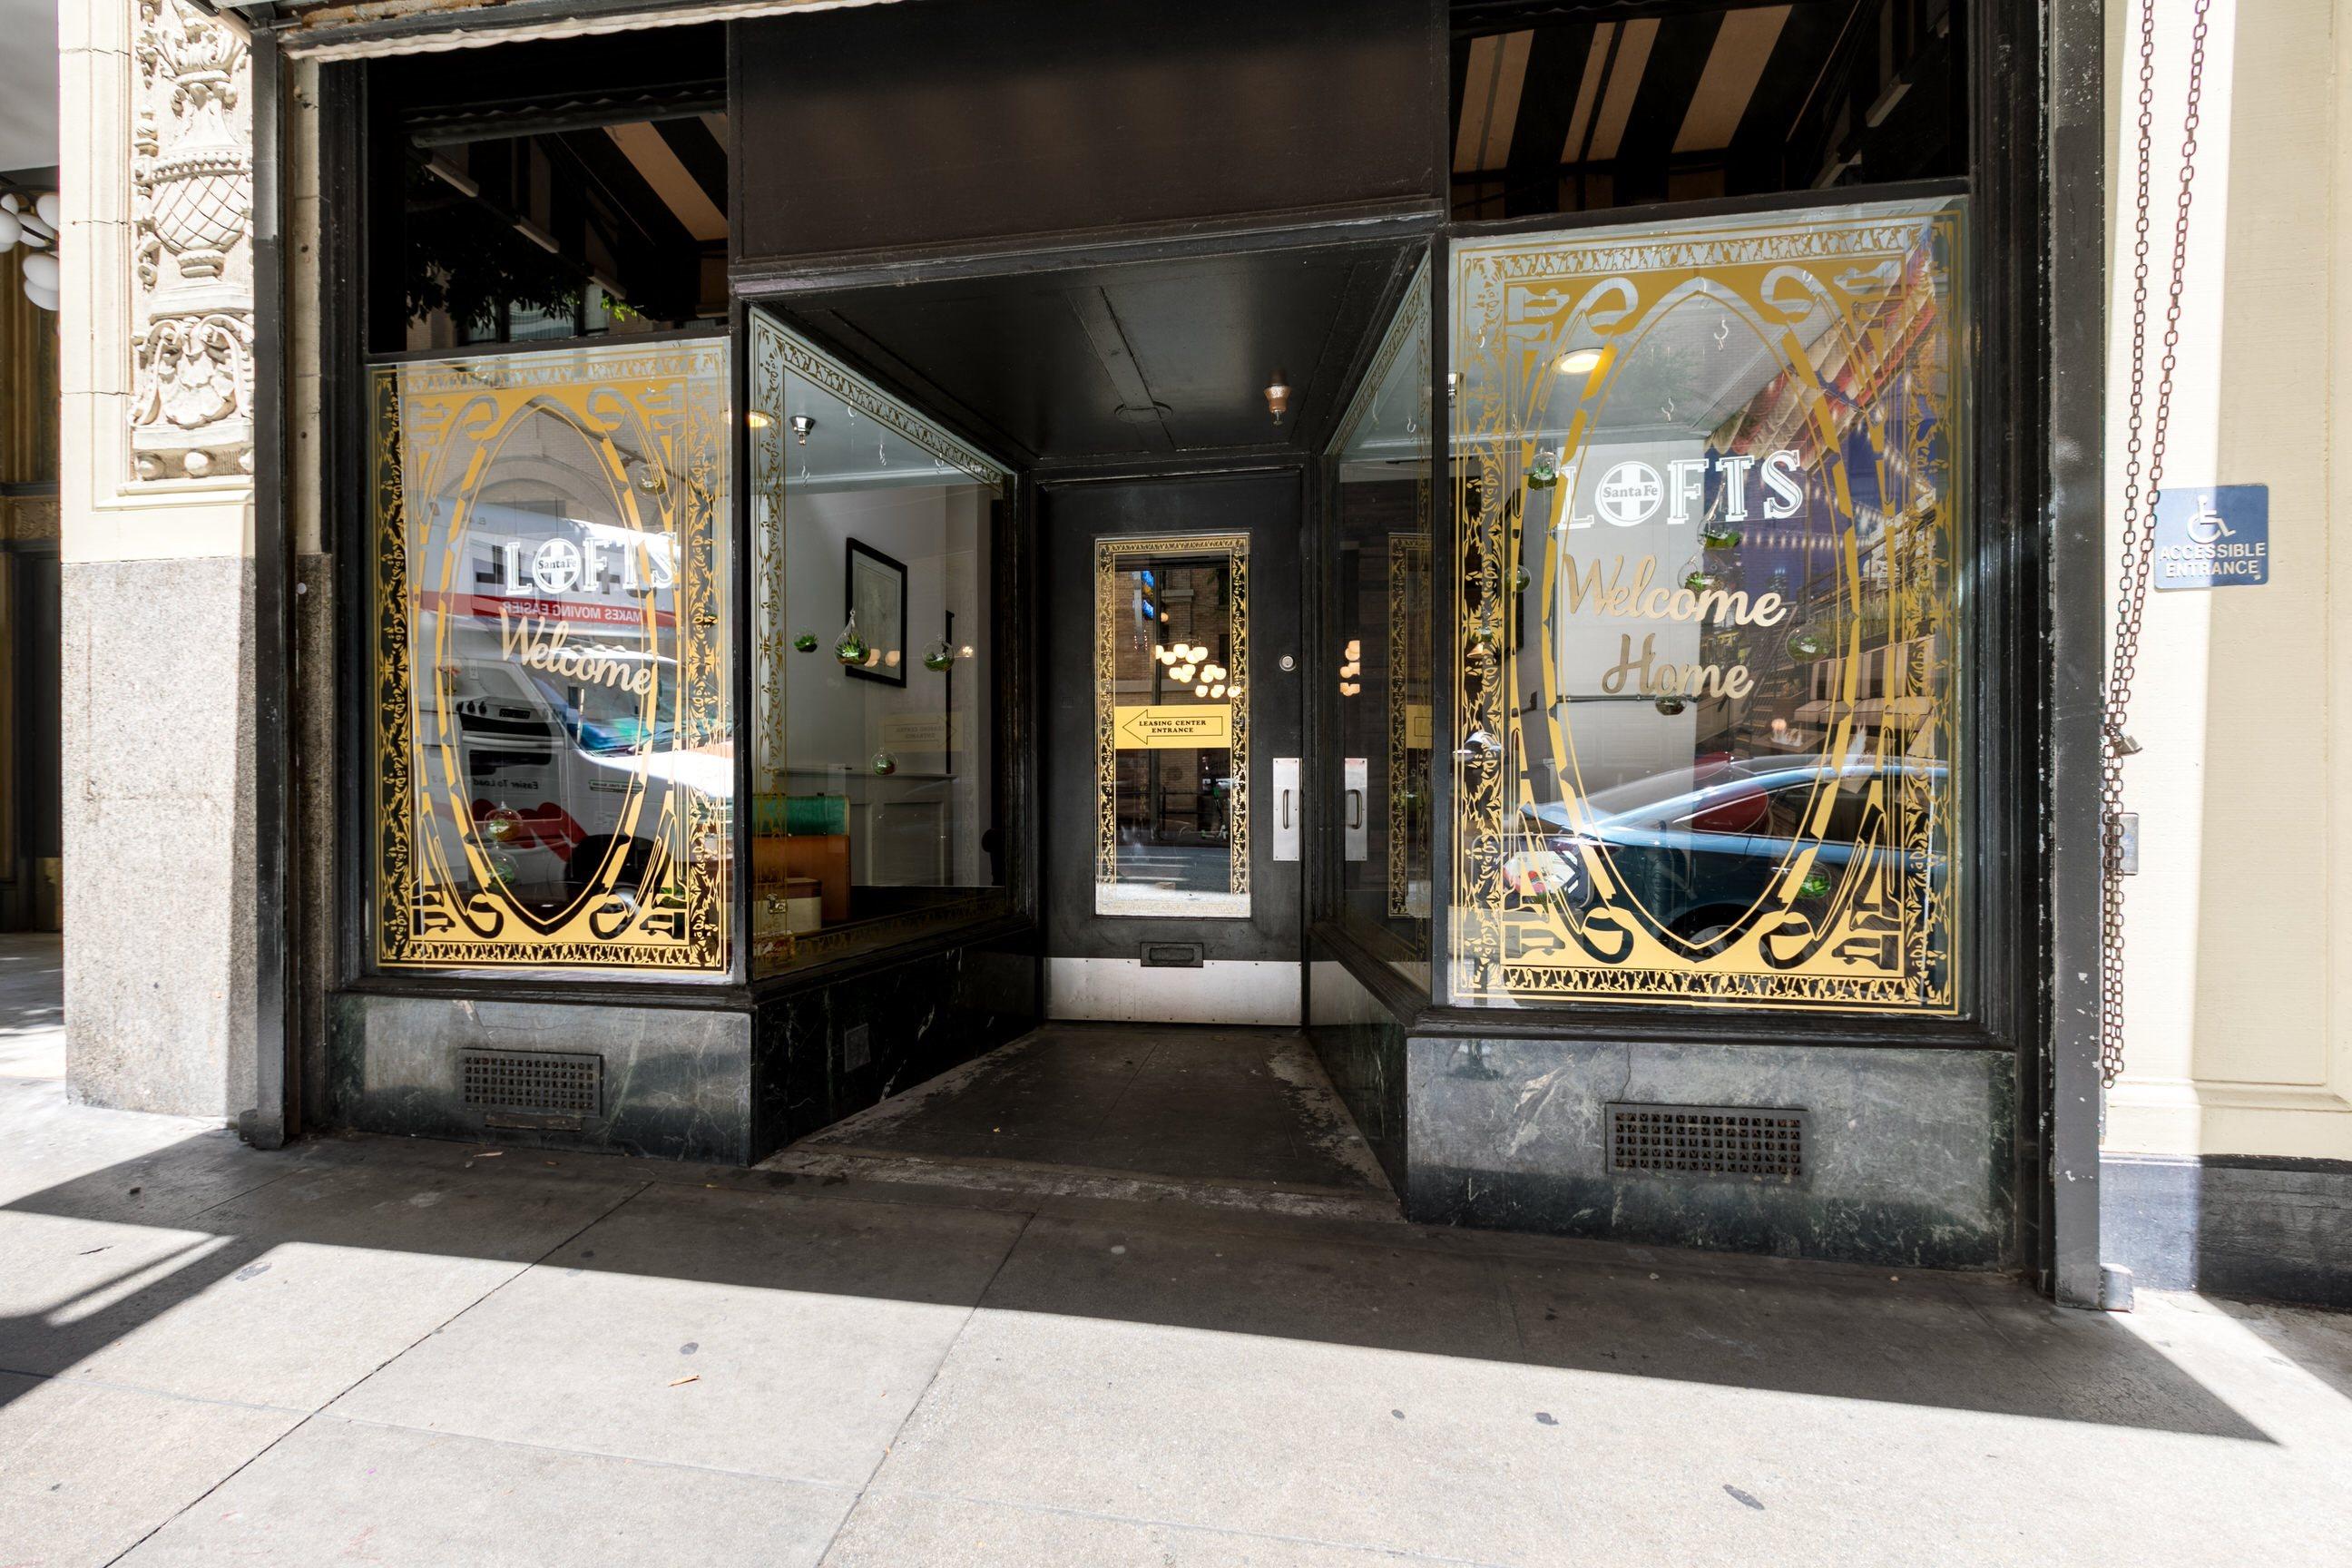 Entrance at Santa Fe Lofts 121 E 6th Street, Los Angeles, CA 90014